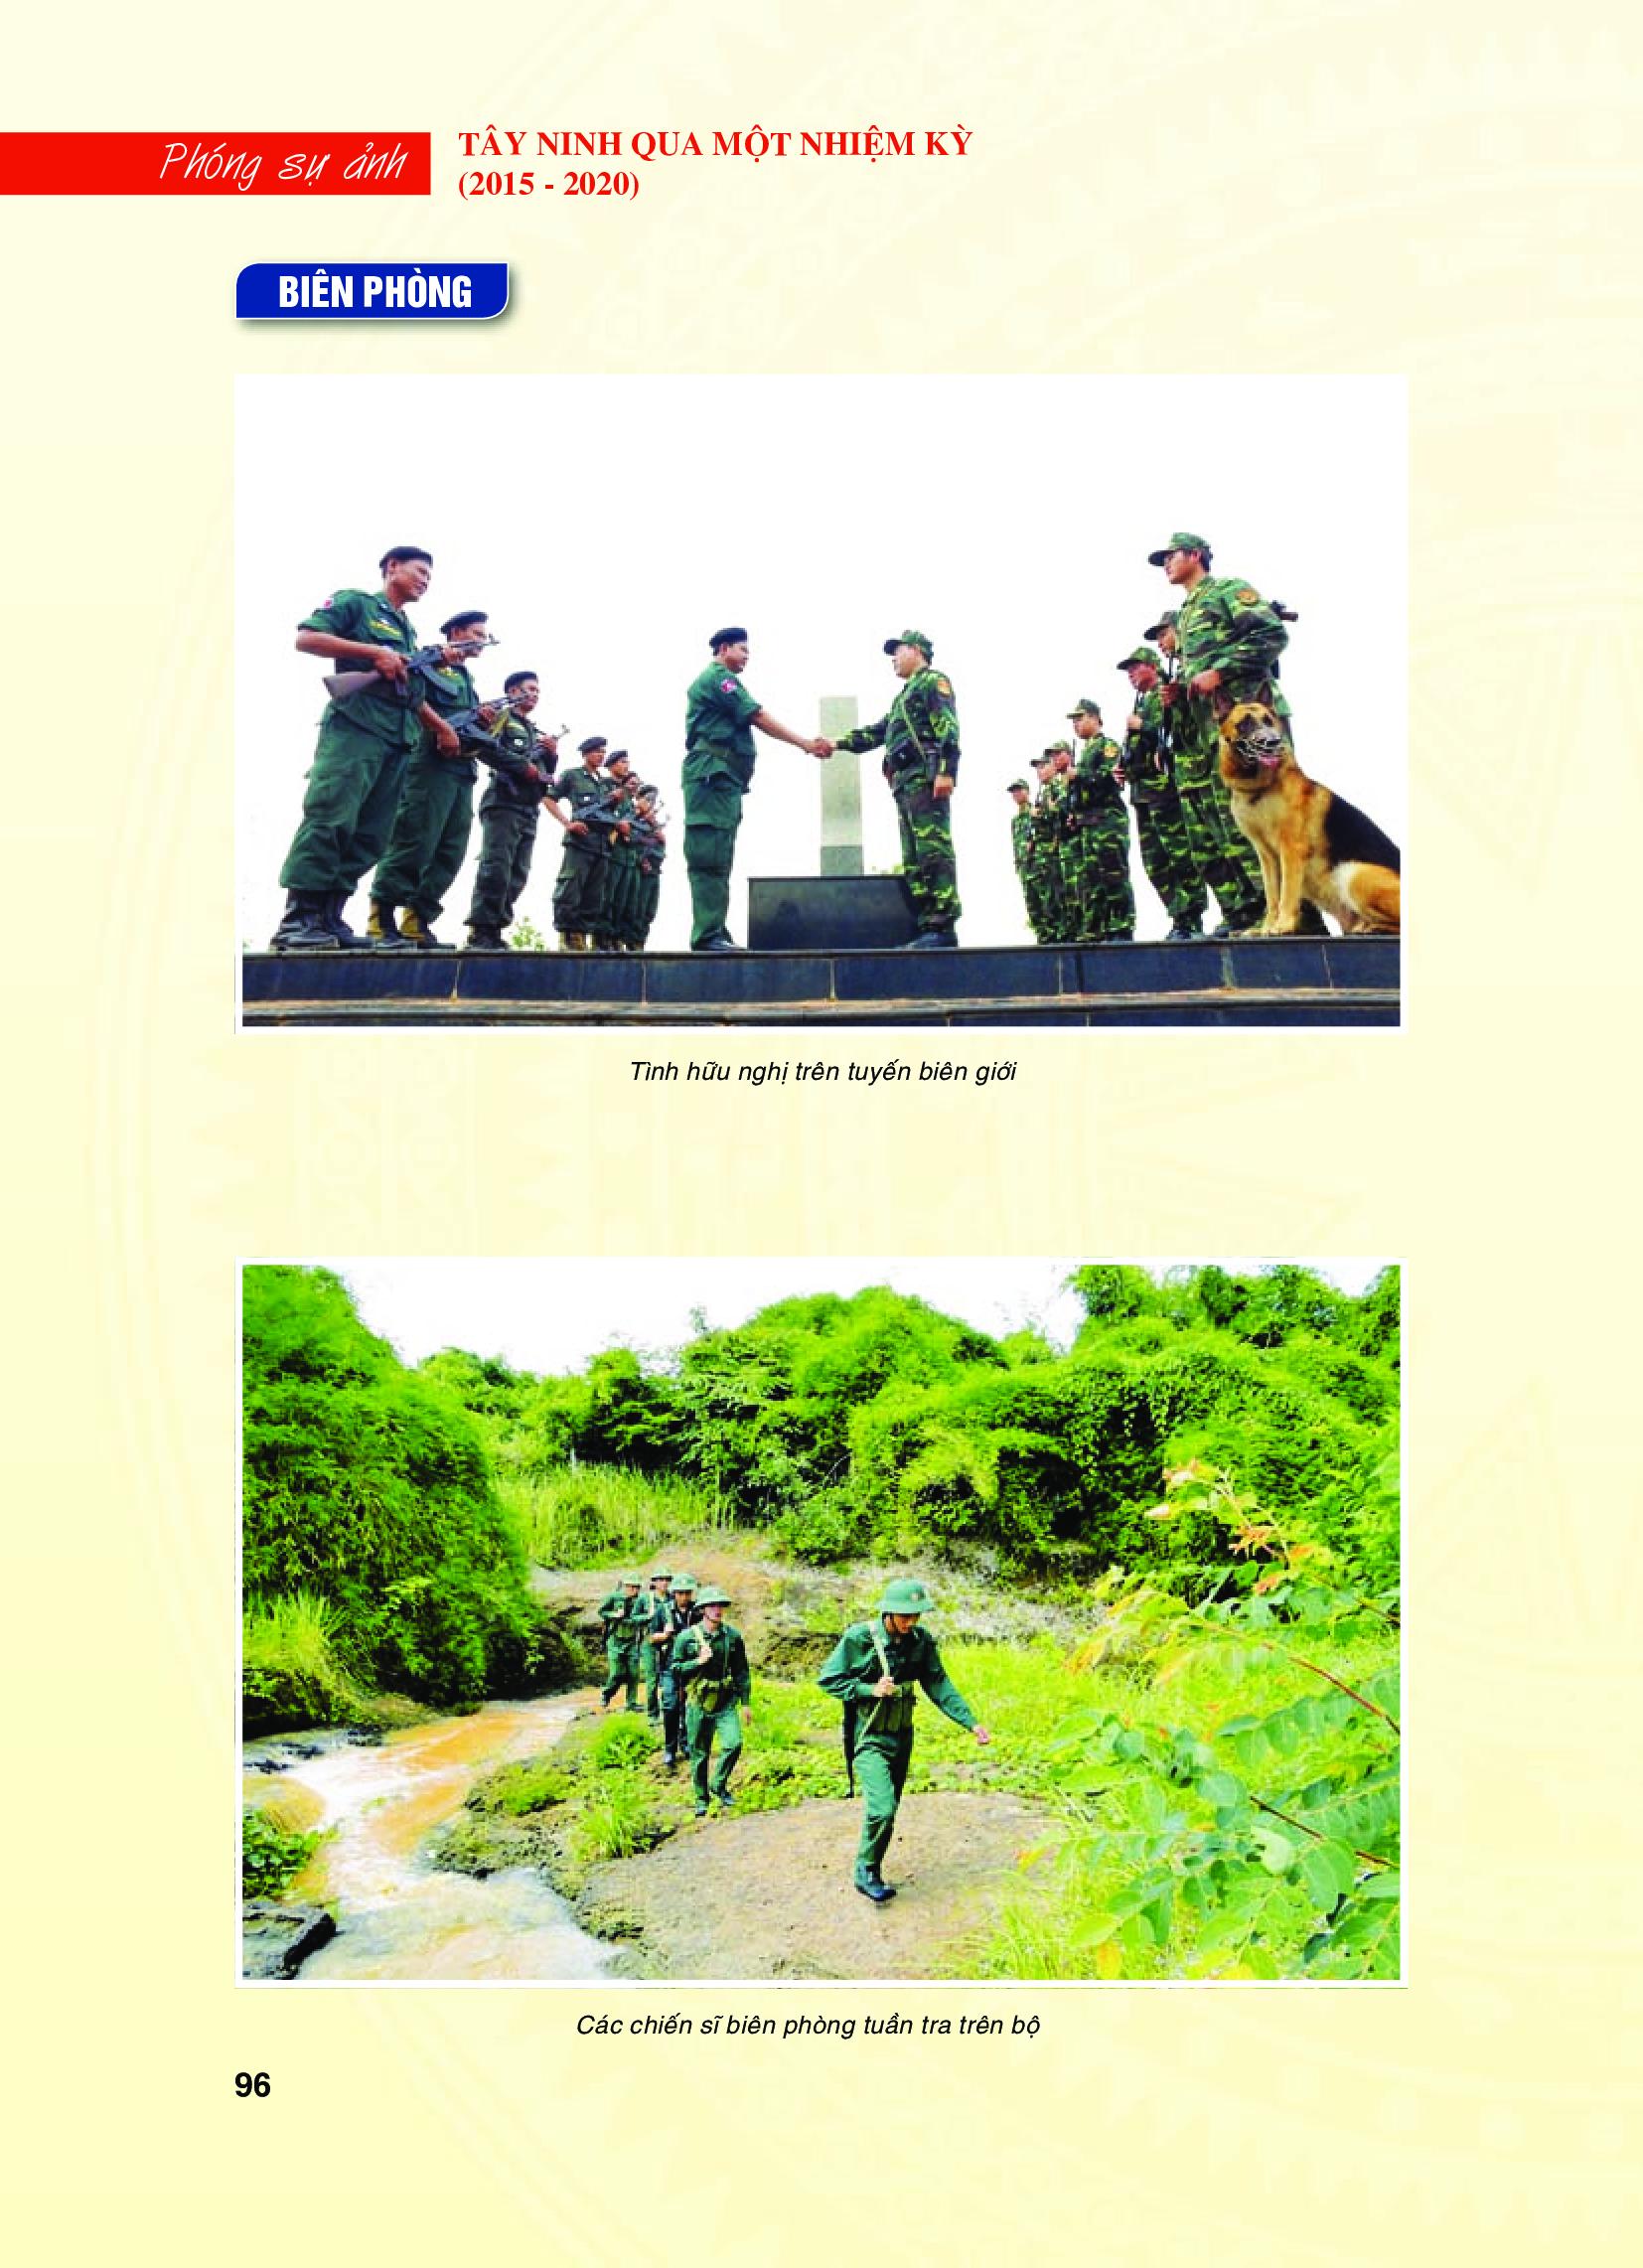 Tây Ninh qua một nhiệm kỳ (2015 - 2020):  Quốc phòng - An ninh